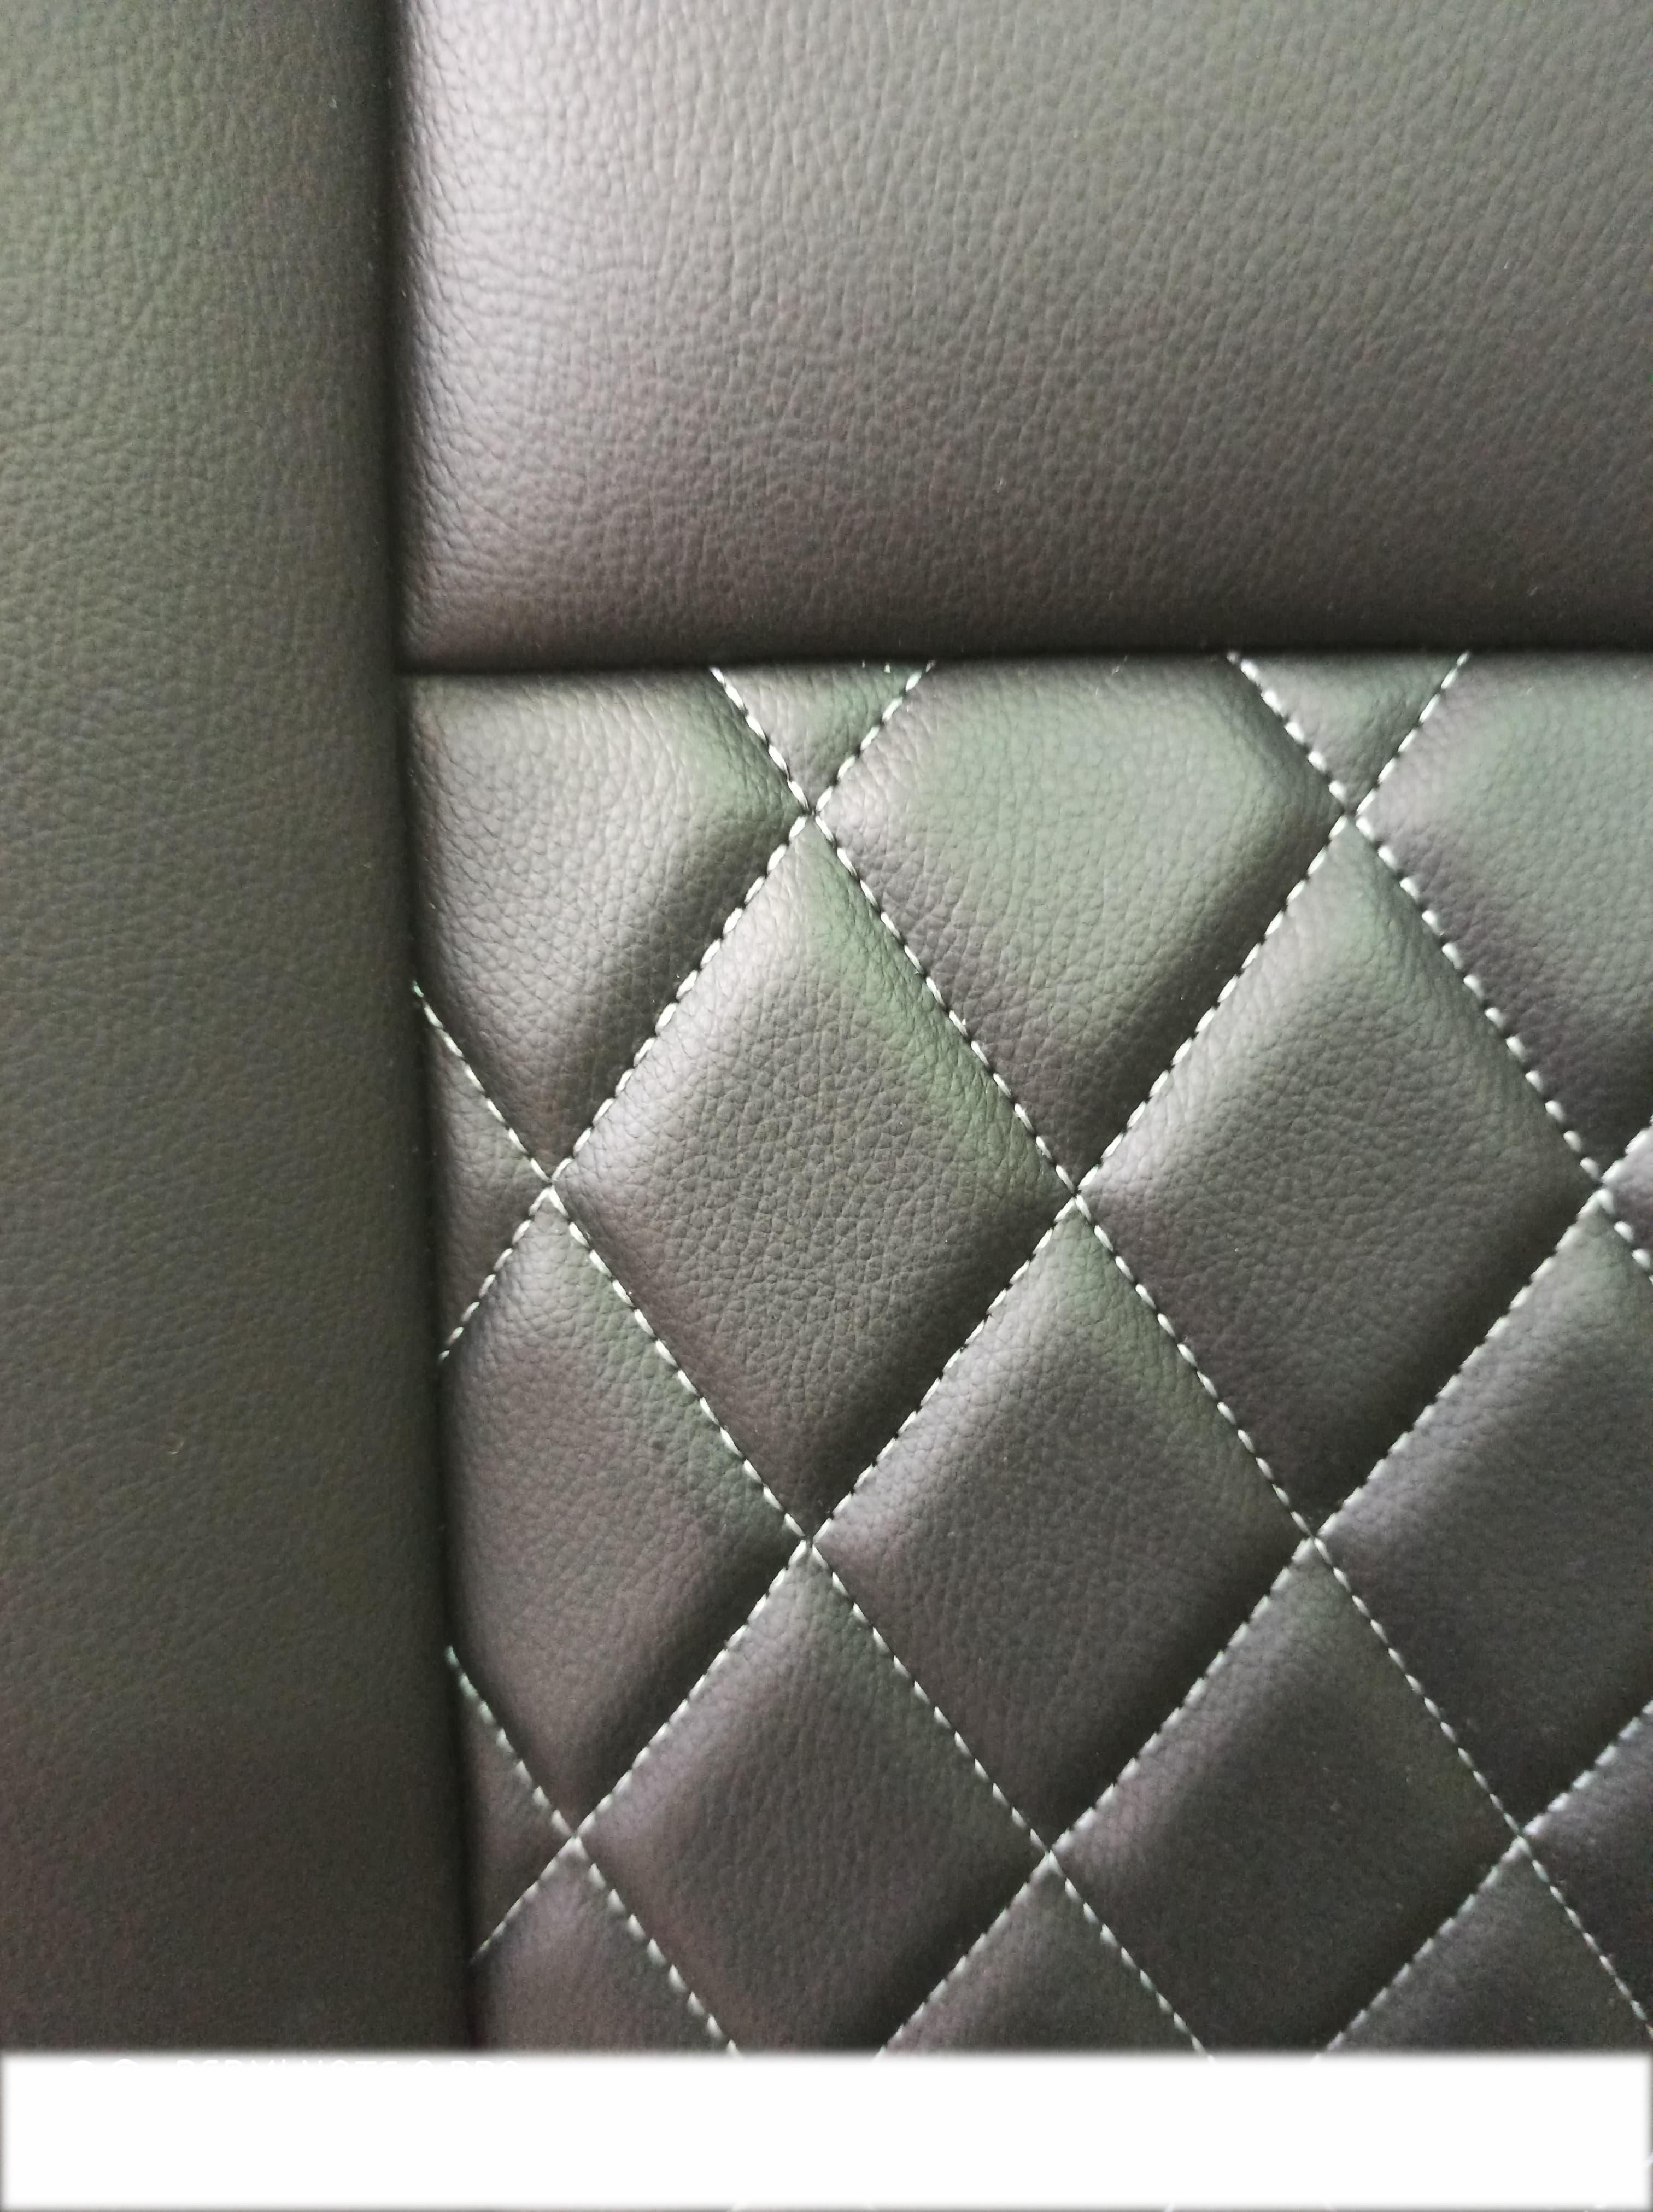 Πλατοκάθισμα Αυτοκινήτου Δερματίνη Coverstyle 2TMX Μαύρο καπιτονέ με ΓΚΡΙ ραφή 0000T4-ΓK